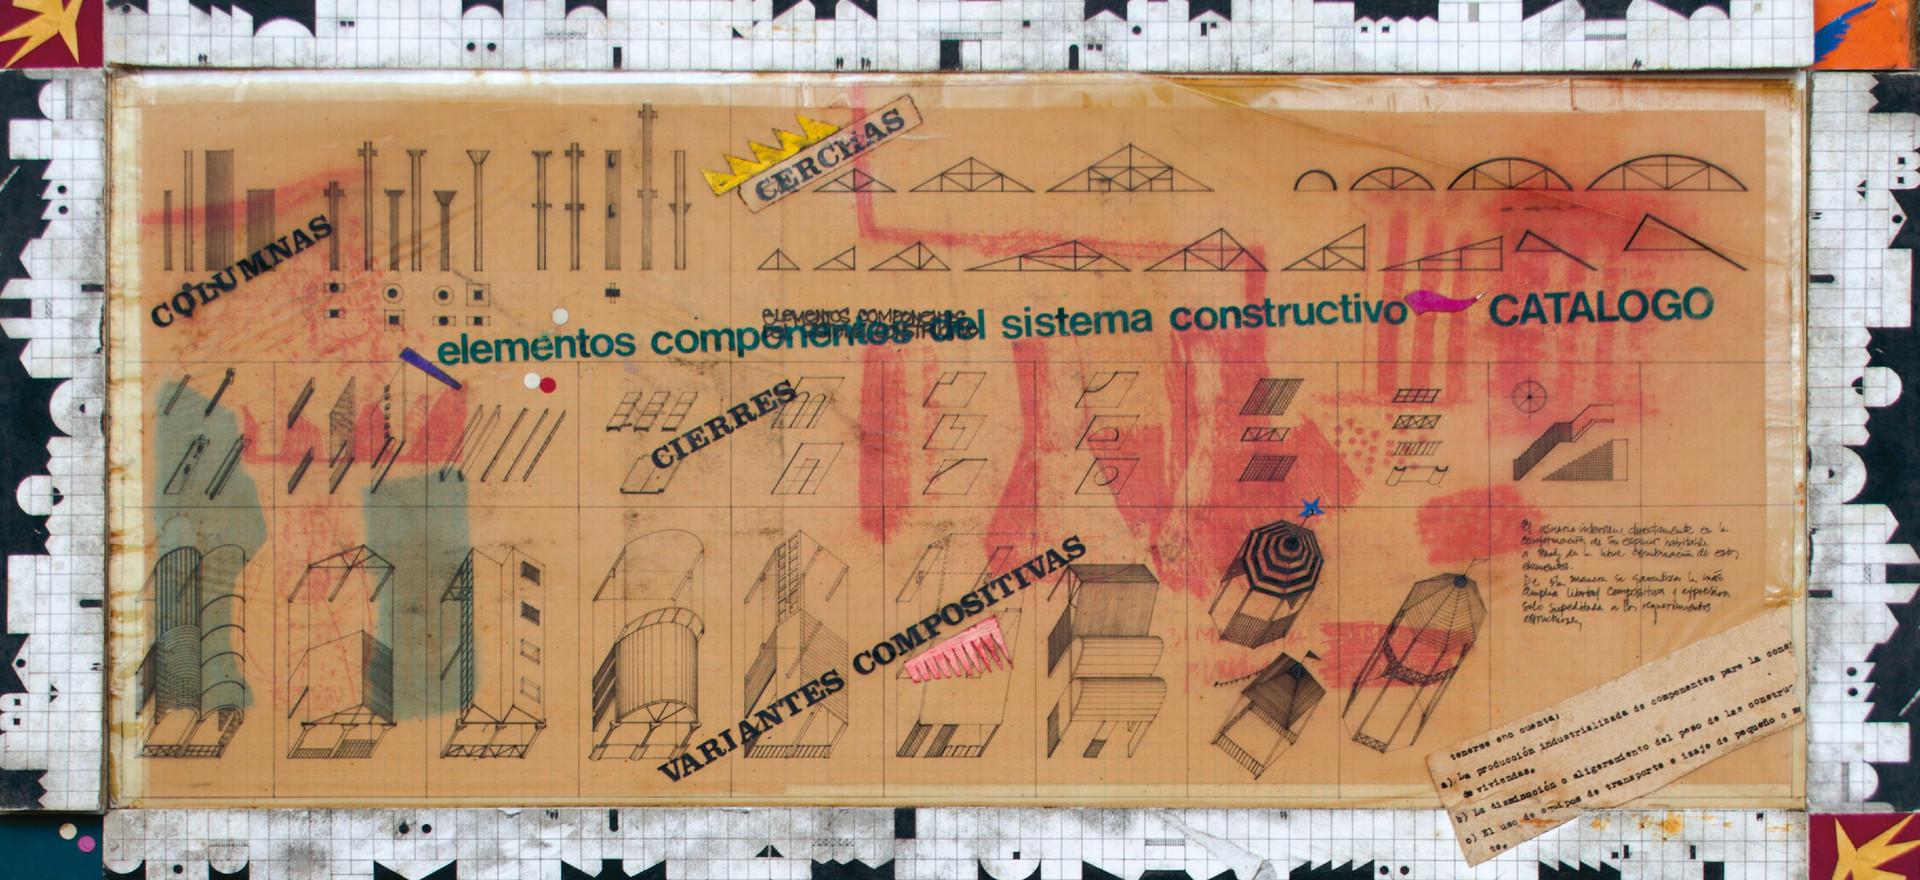 Concurso Habitat del mañana. Cojimar y Alamar. La Habana 1984